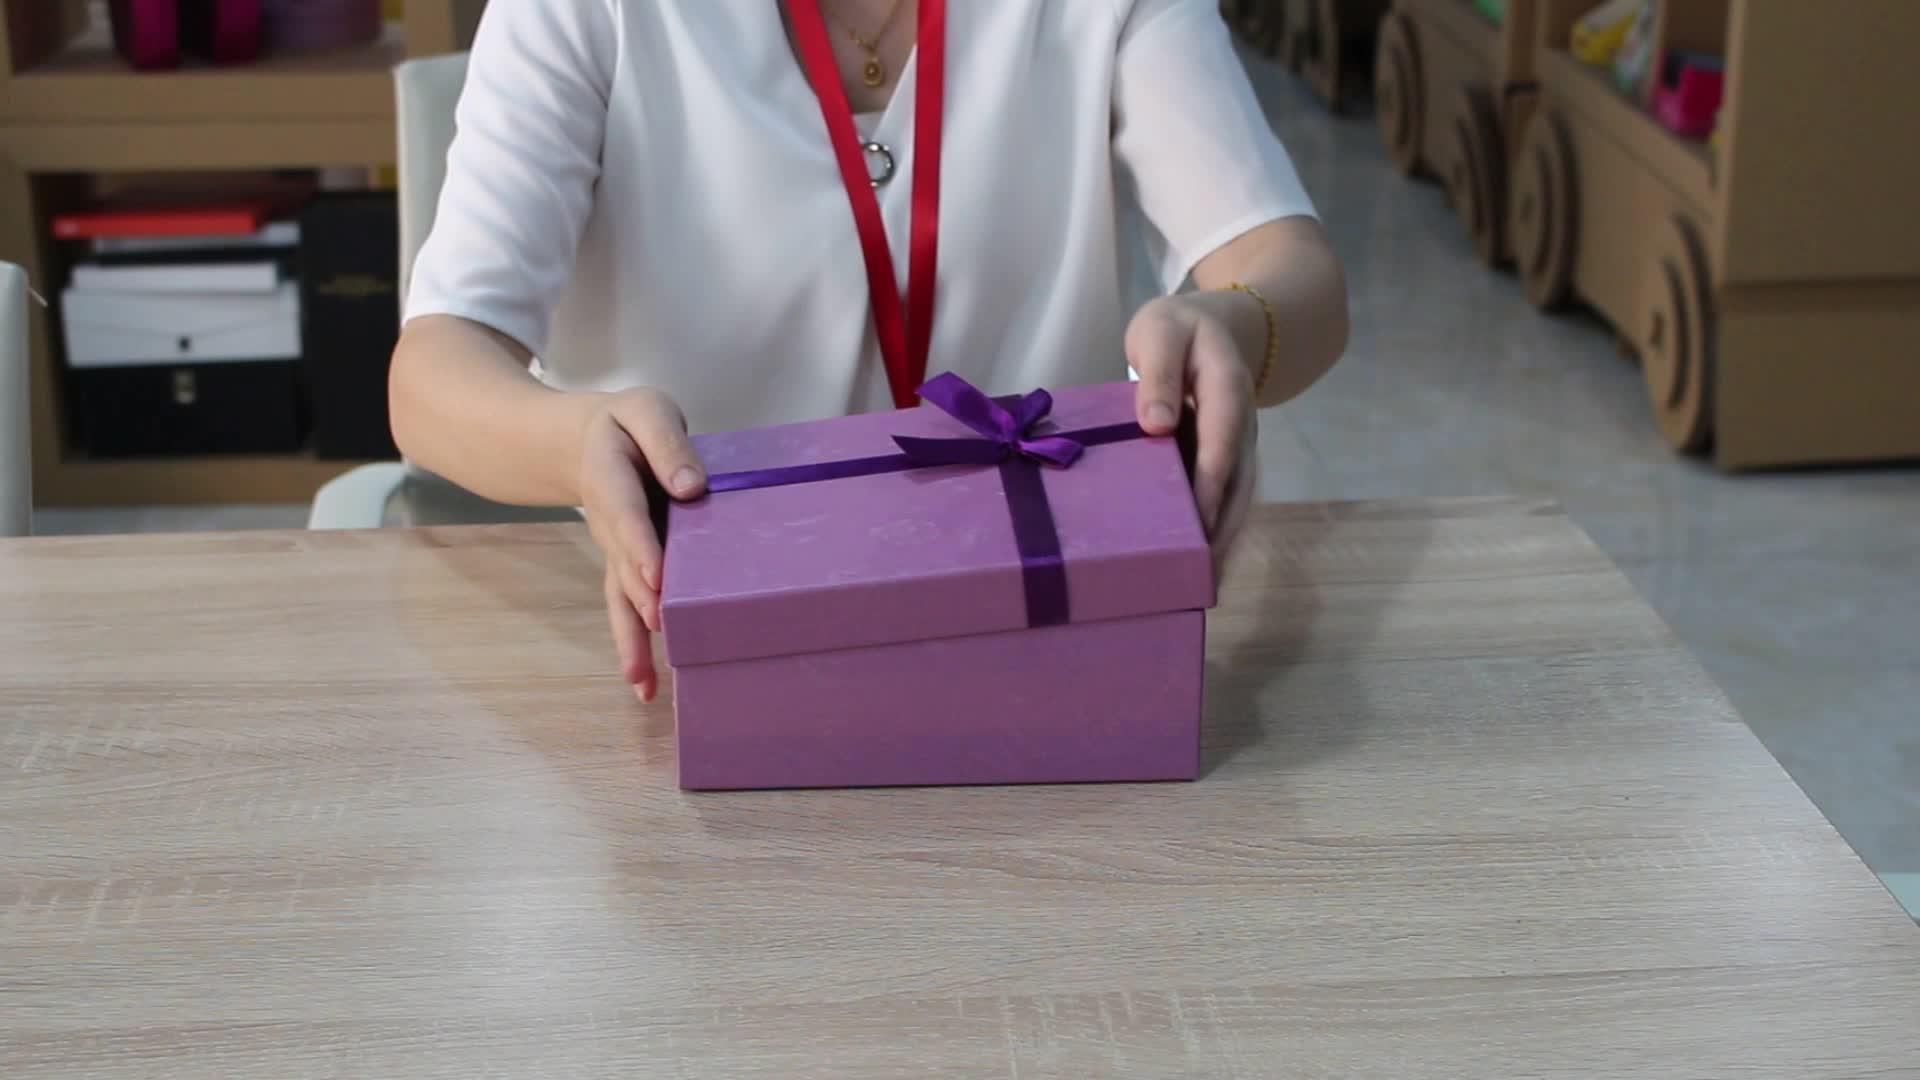 Colar de fita de luxo caixa de papel de embalagem de doces lanche pão high-end embalagem caixa de presente de chocolate